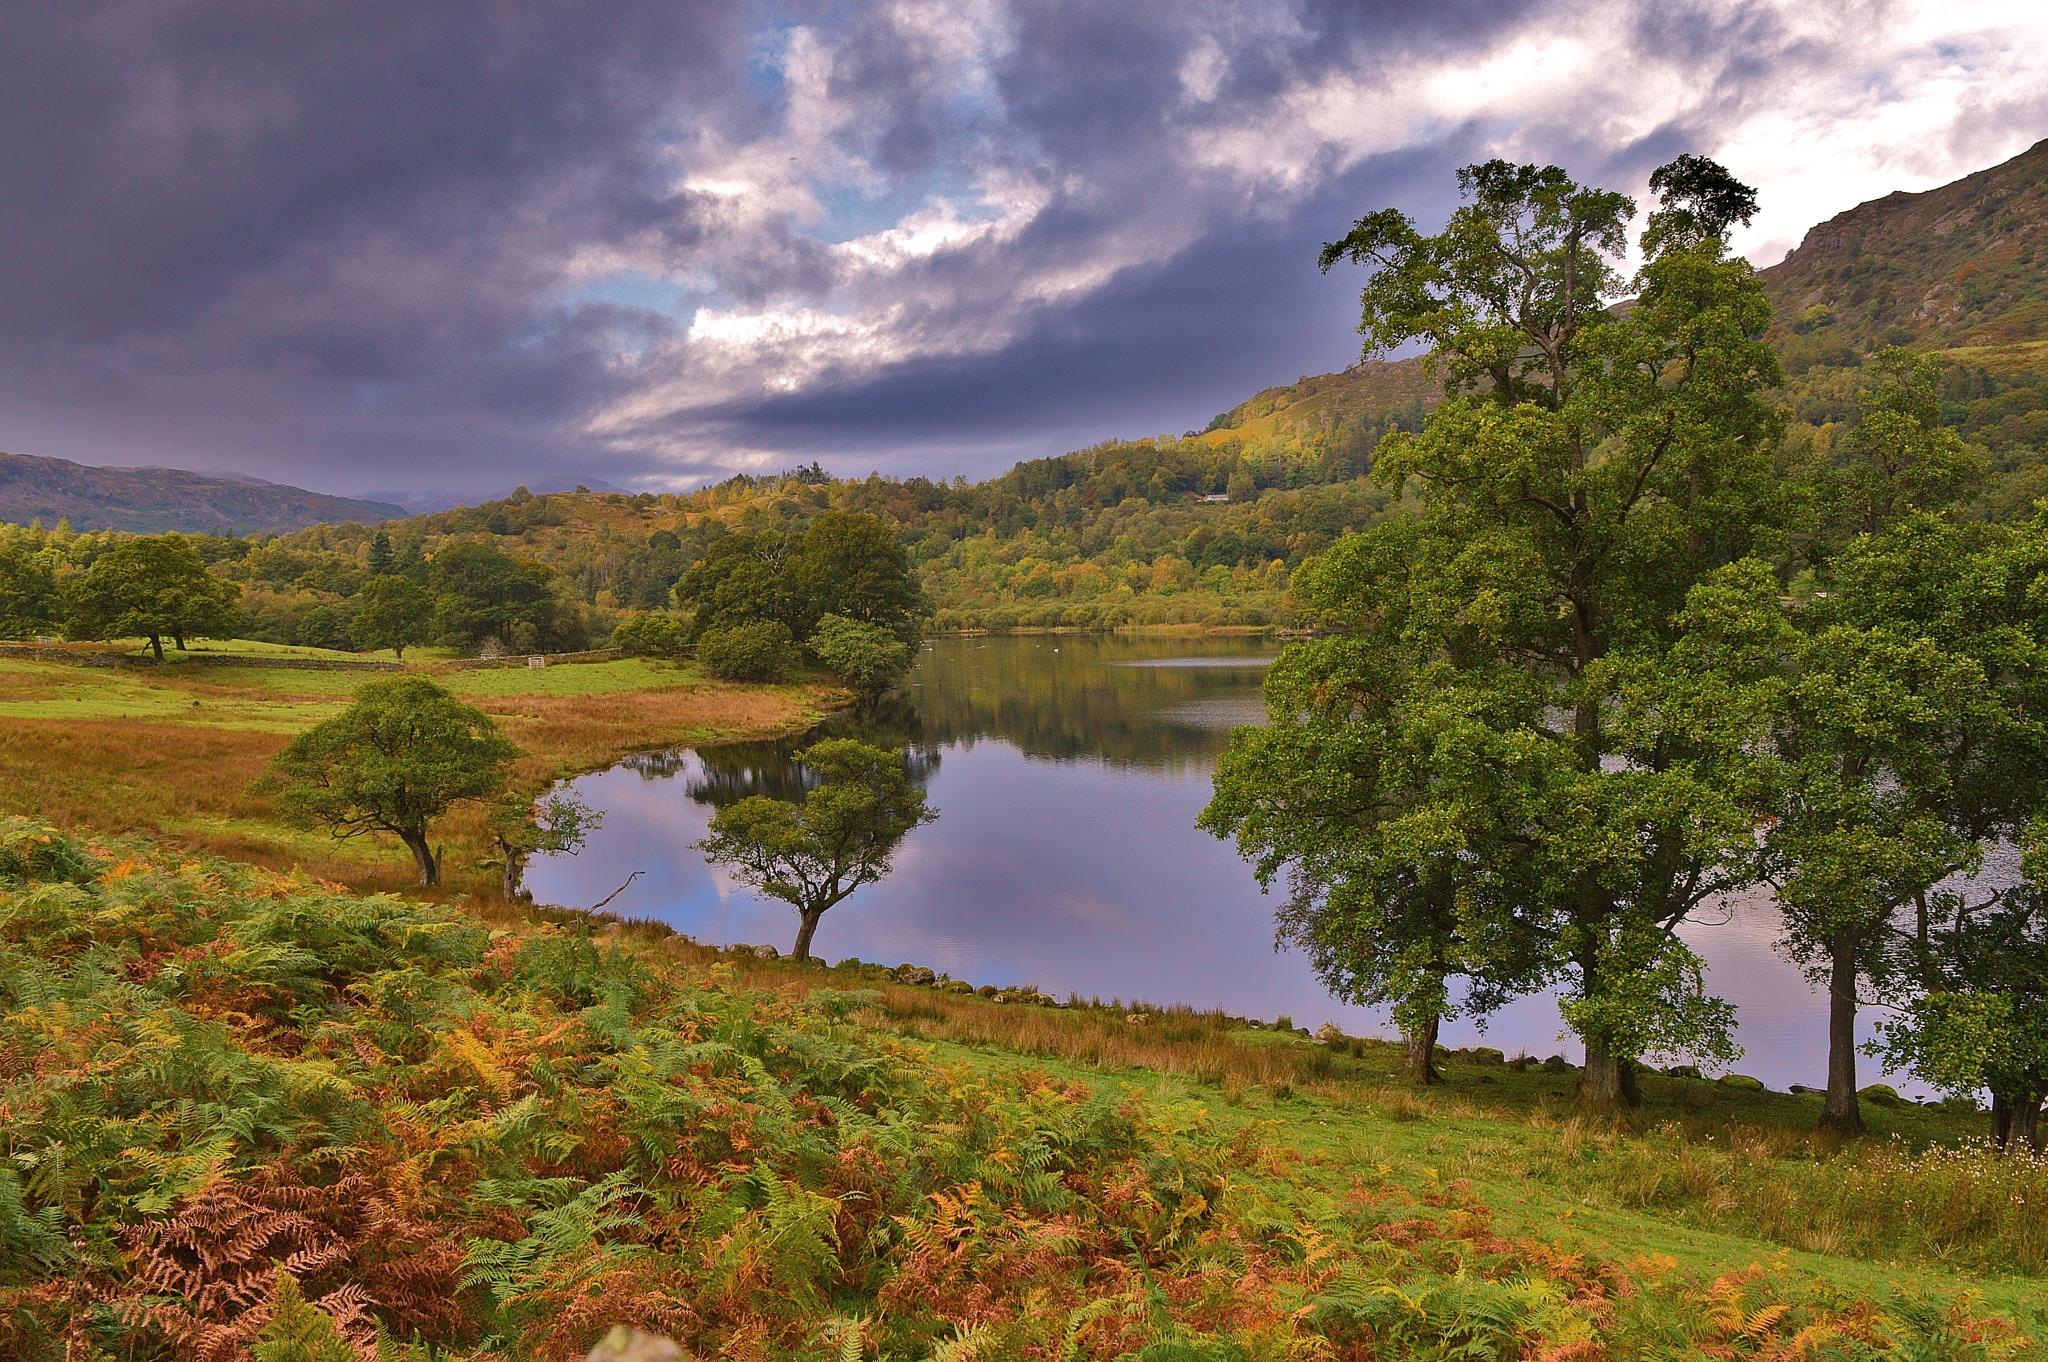 Rydal Water 2 by Steve Wilkinson